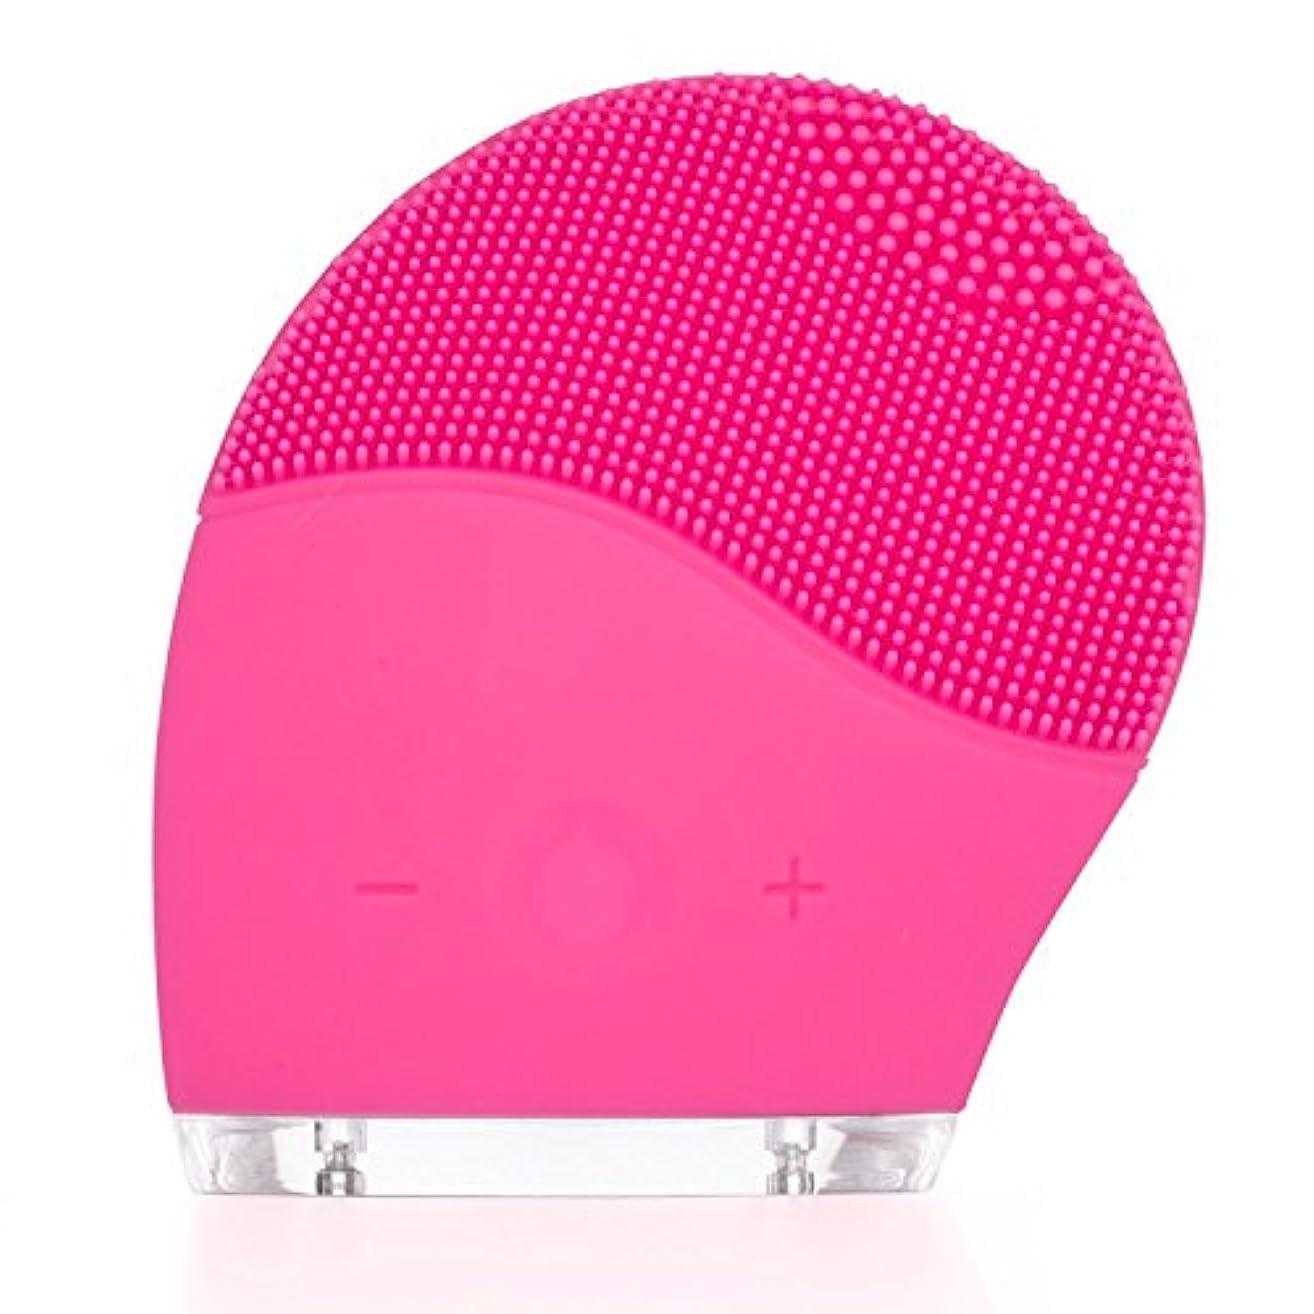 擬人インターネット試験Dazers 音波洗顔 電動 洗顔ブラシ 高級シリコン クレンジング 洗顔器 防水 充電式 毛穴ケア スピード調節でき 顔部マッサージ (ローズピンク) プレゼント